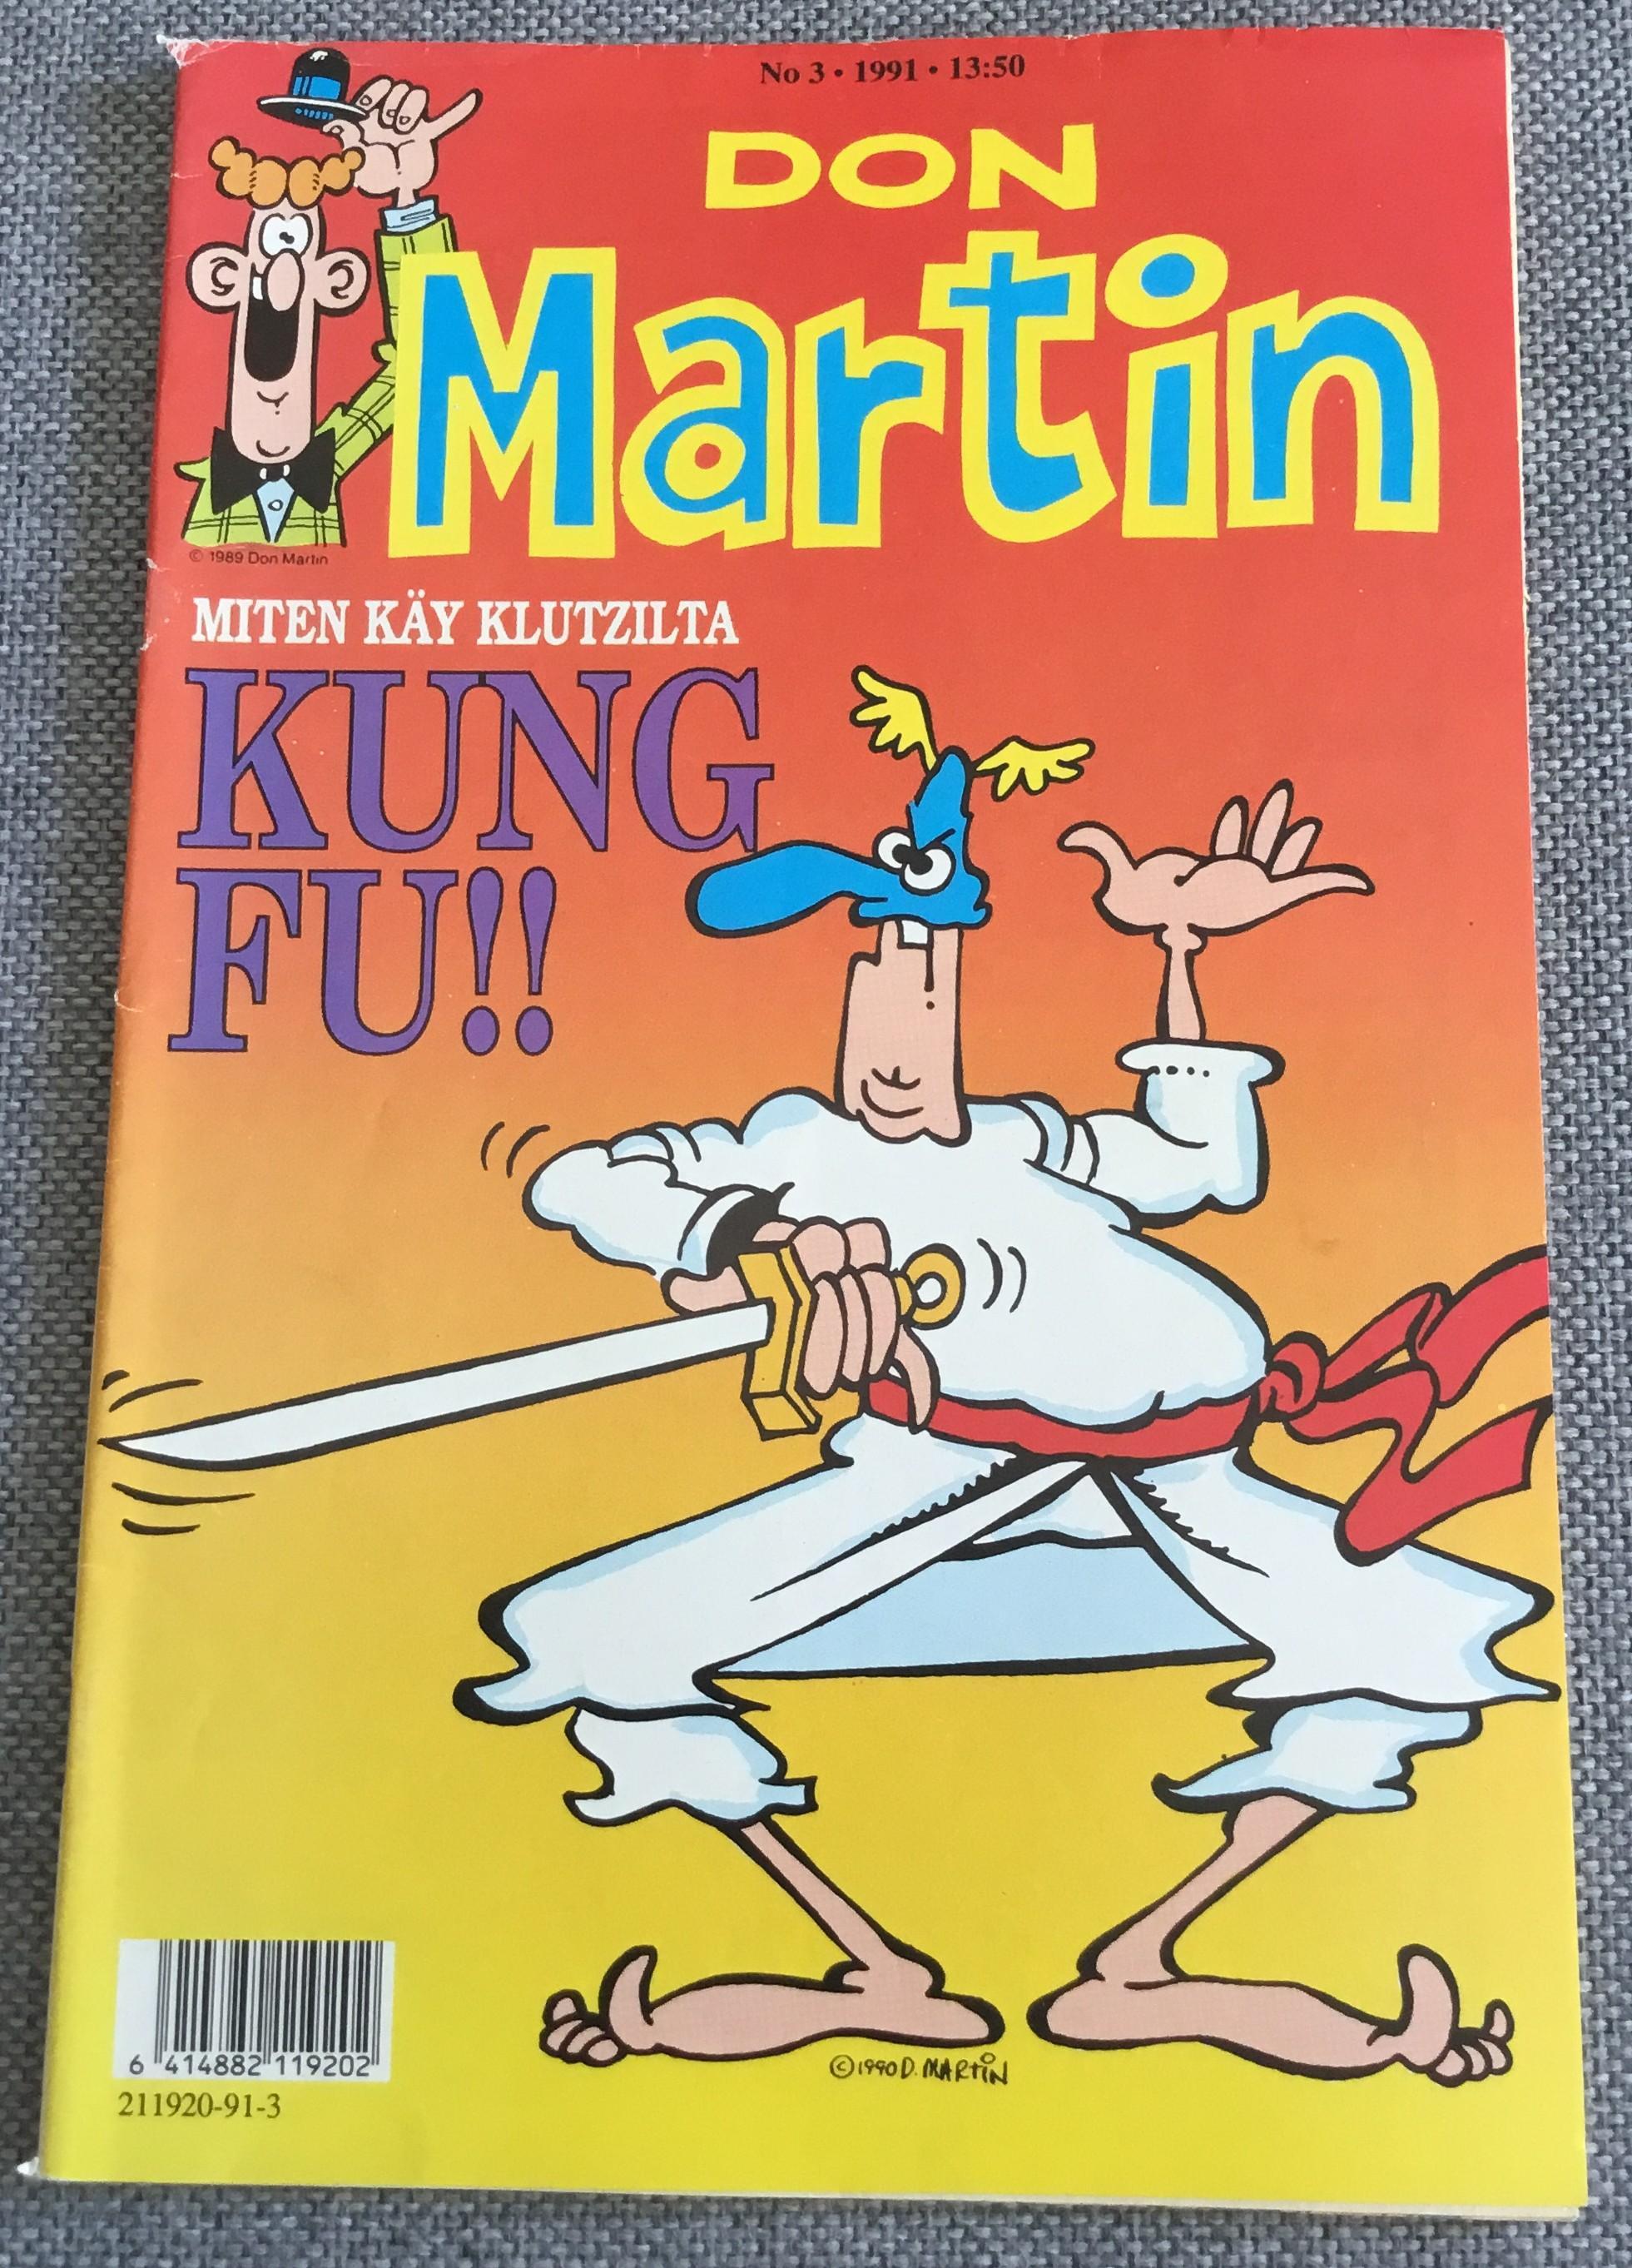 Finnish Don Martin Comic #3 • Finland